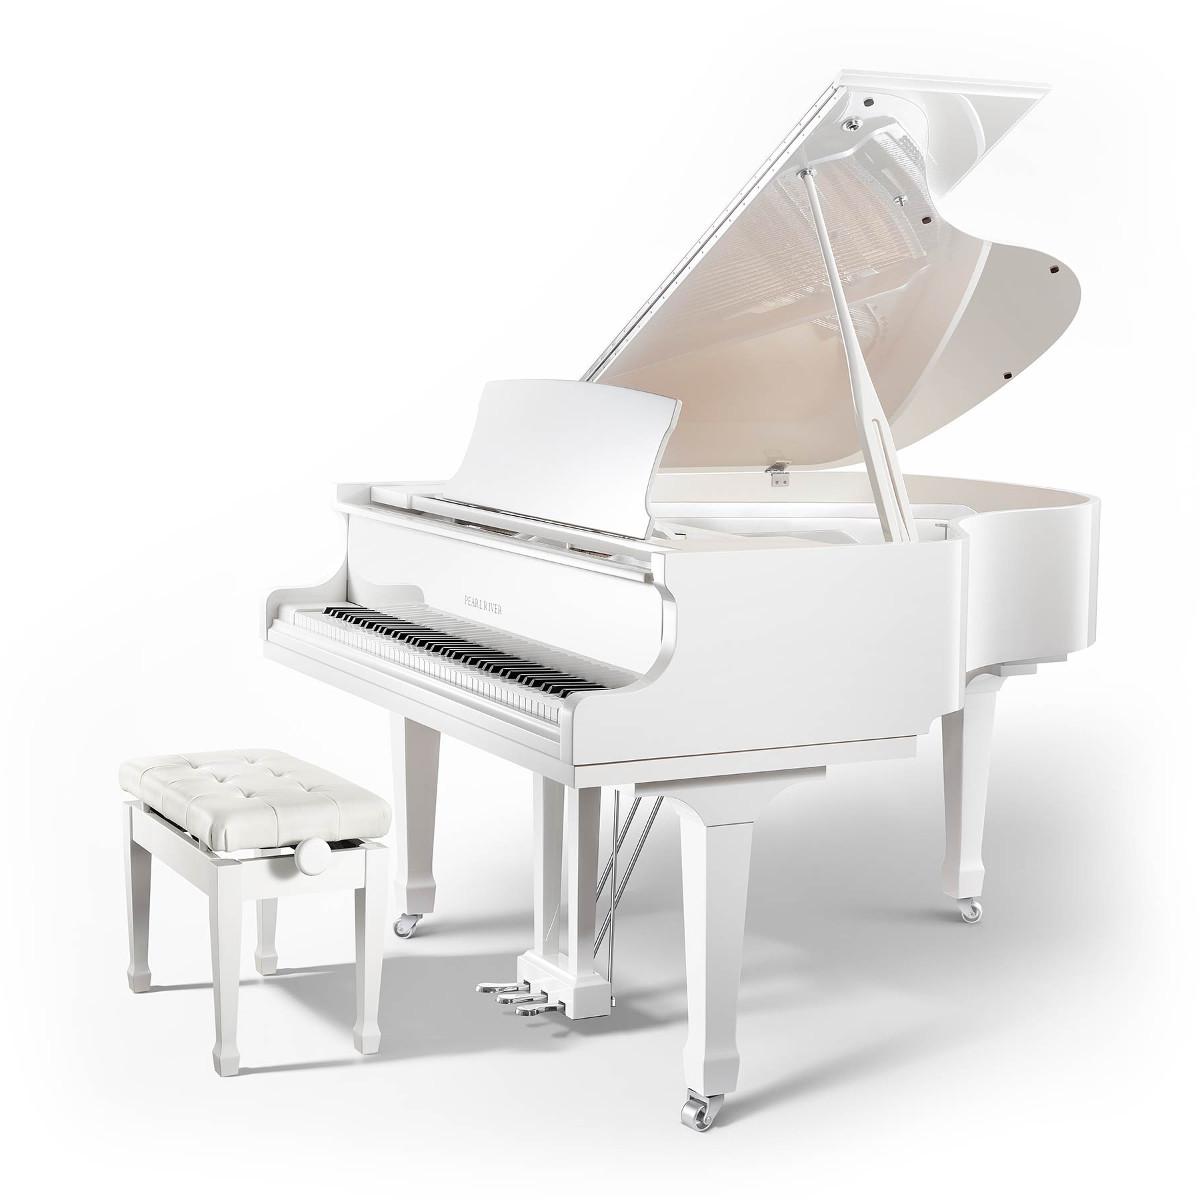 Piano Pearl River 160 EU WHITE GLOSS + CHROME